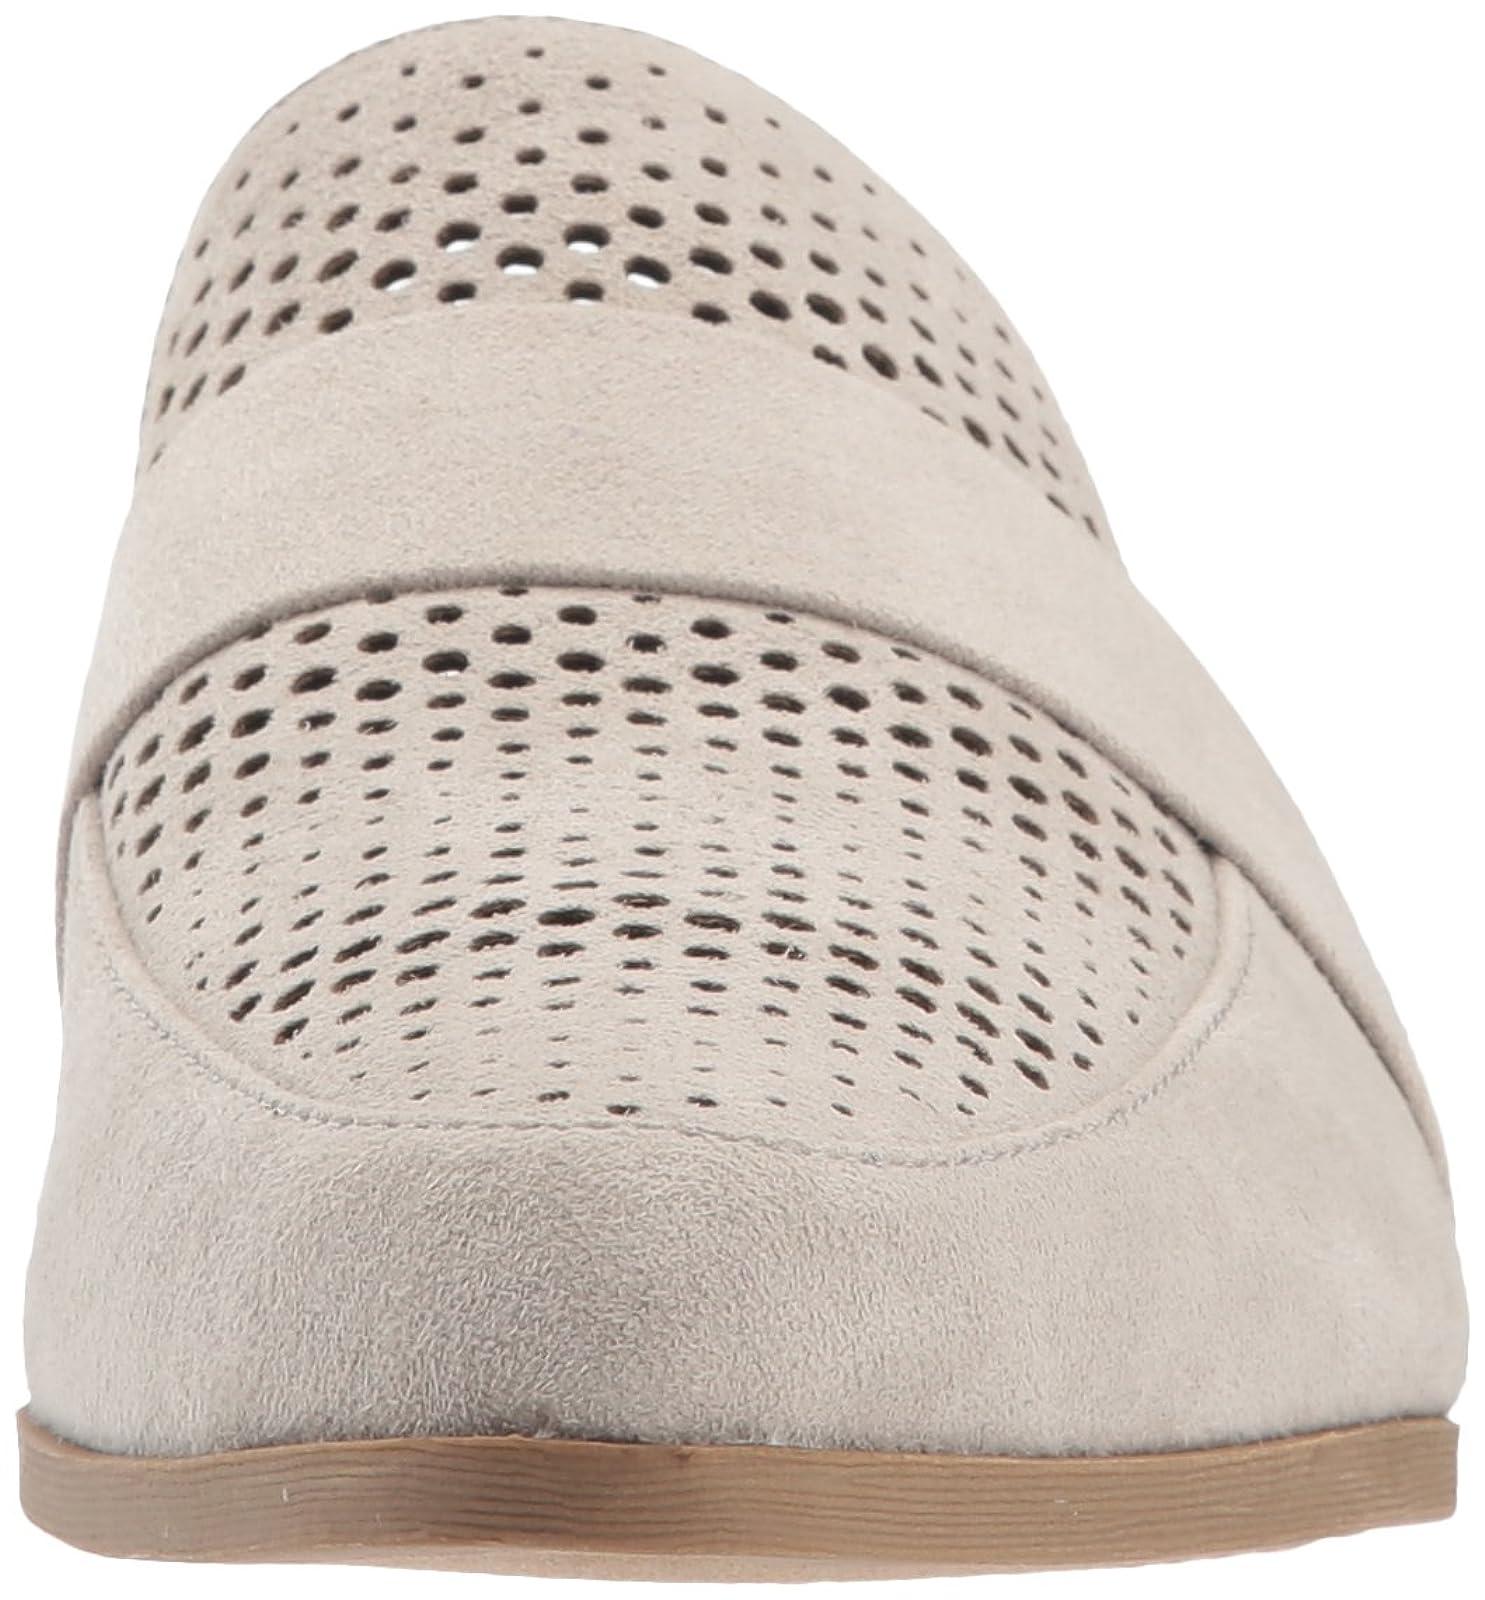 Dr. Scholl's Shoes Women's Exact Chop Mule F6419F1 - 4